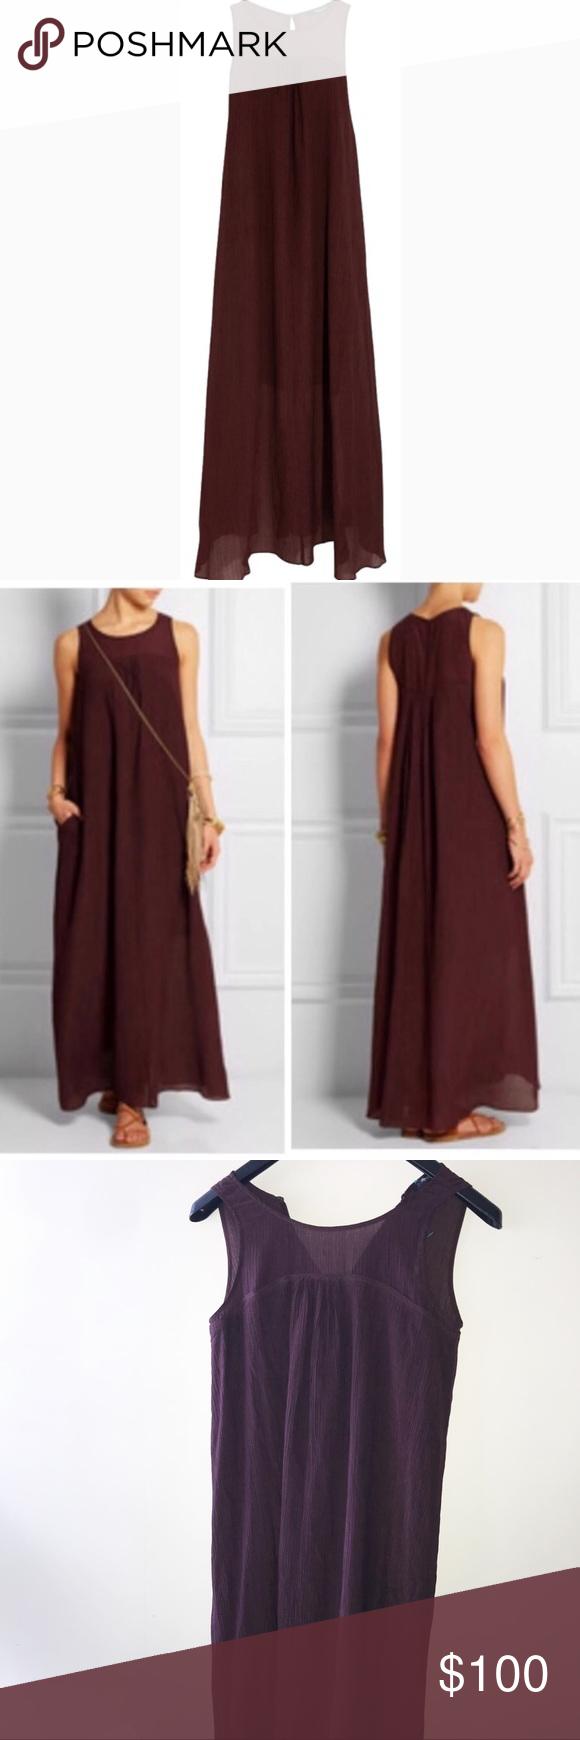 36da92dd2f NWT Madewell Maroon Maxi Dress Size XS NWT Madewell maxi dress size XS.  Burgundy